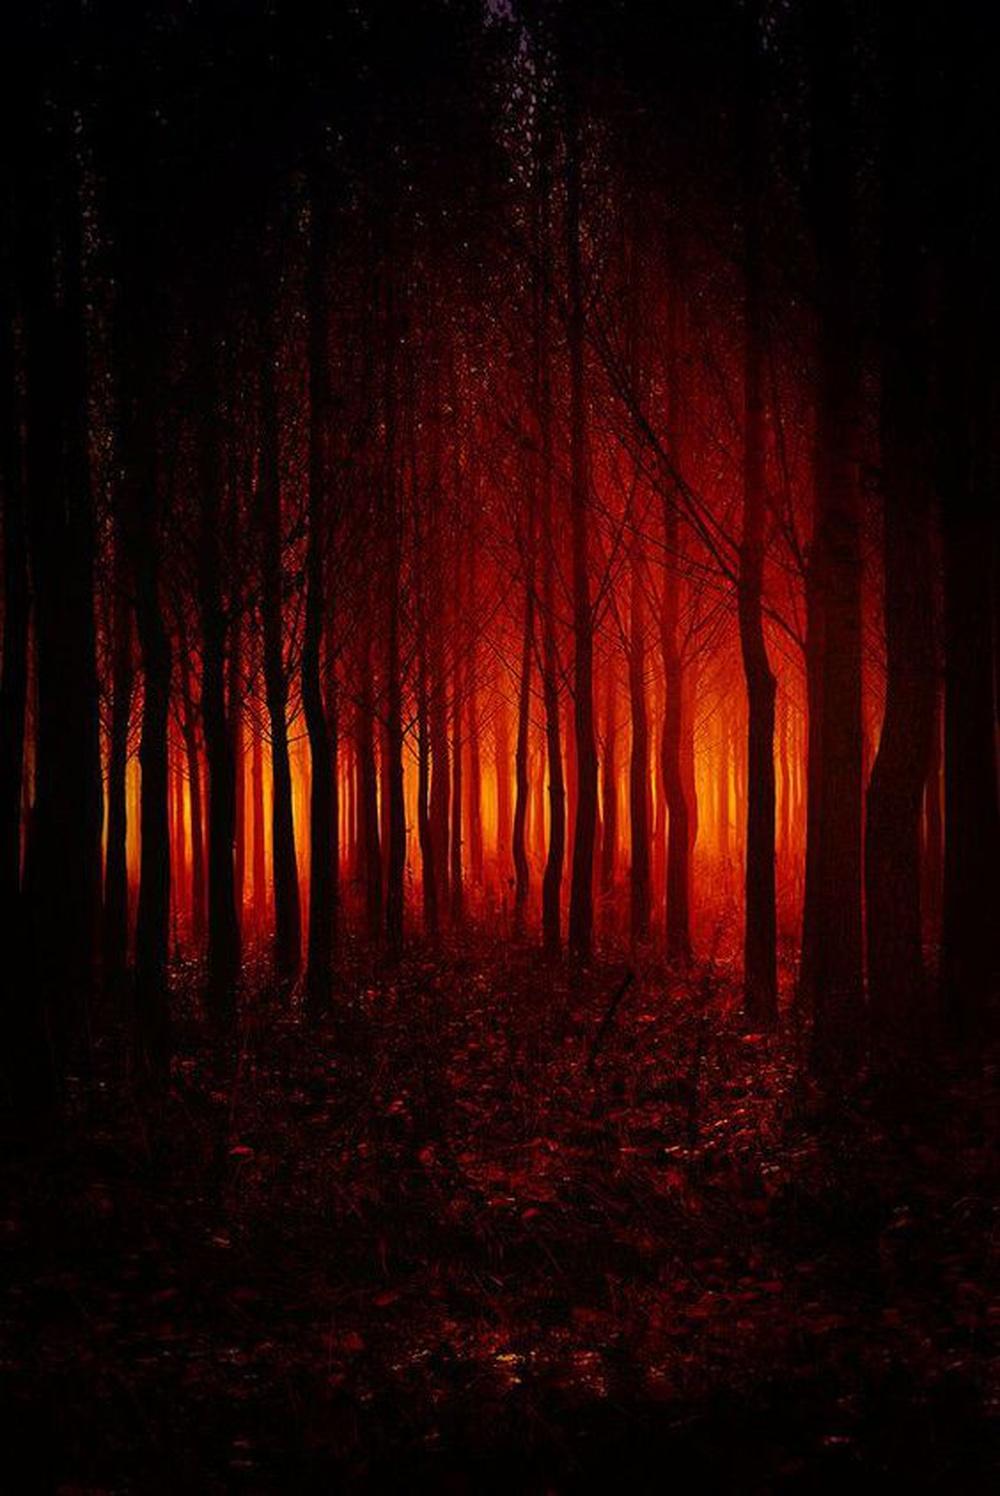 Notre peur innée de l'obscurité a disparu lorsque l'homme a maîtrisé le feu